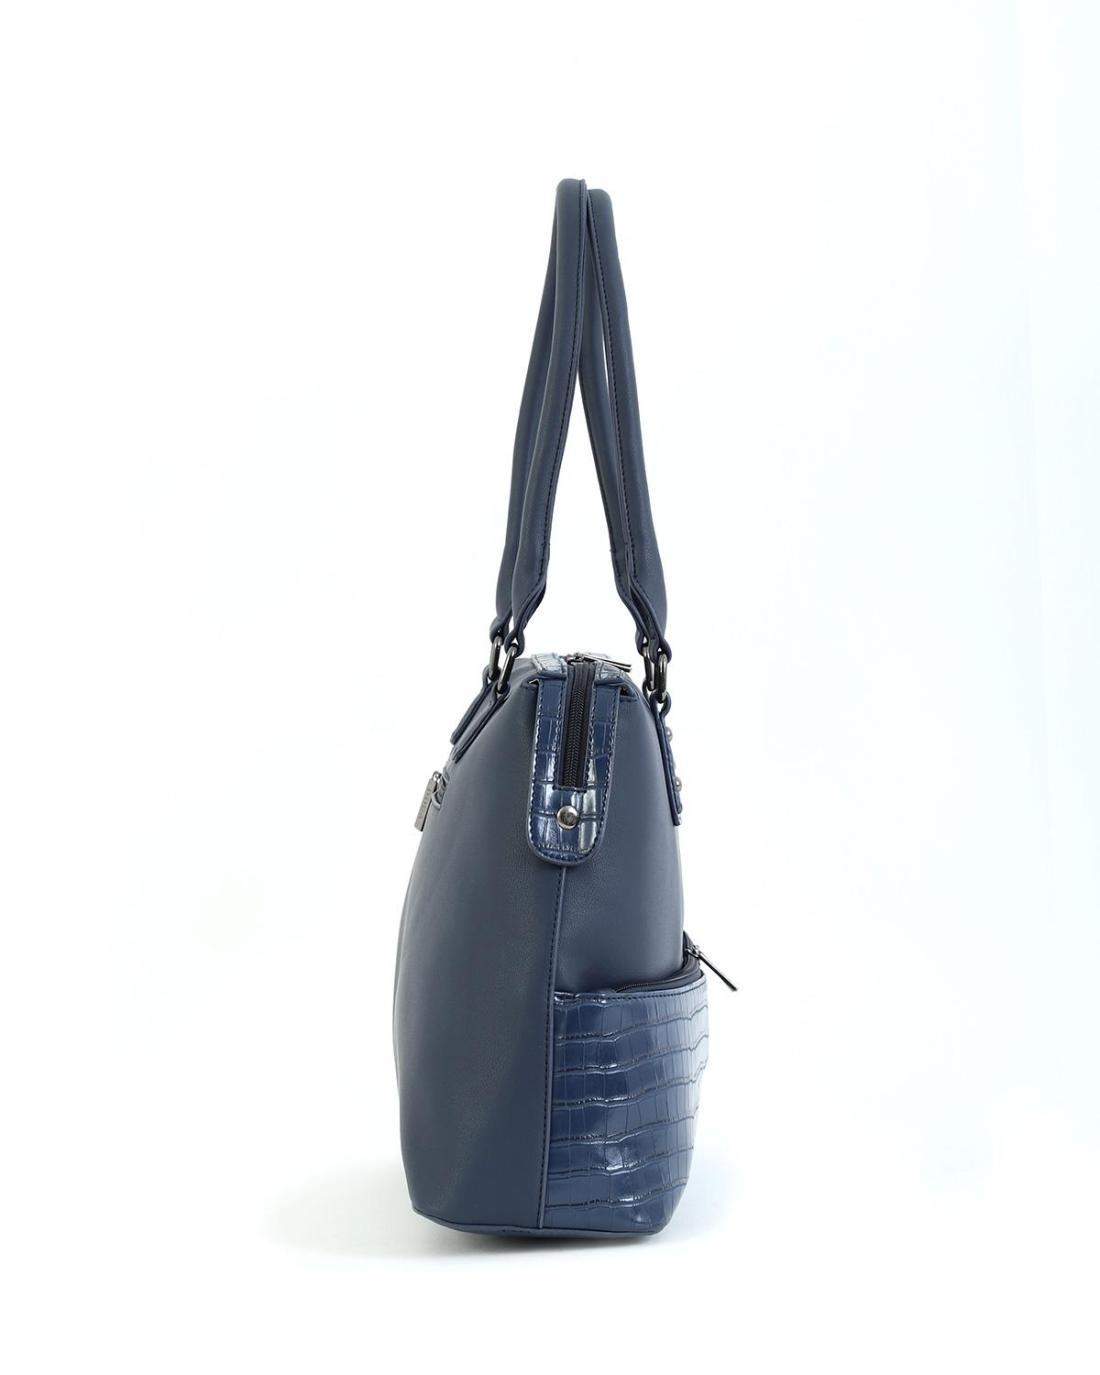 Καθημερινή τσάντα μπλε